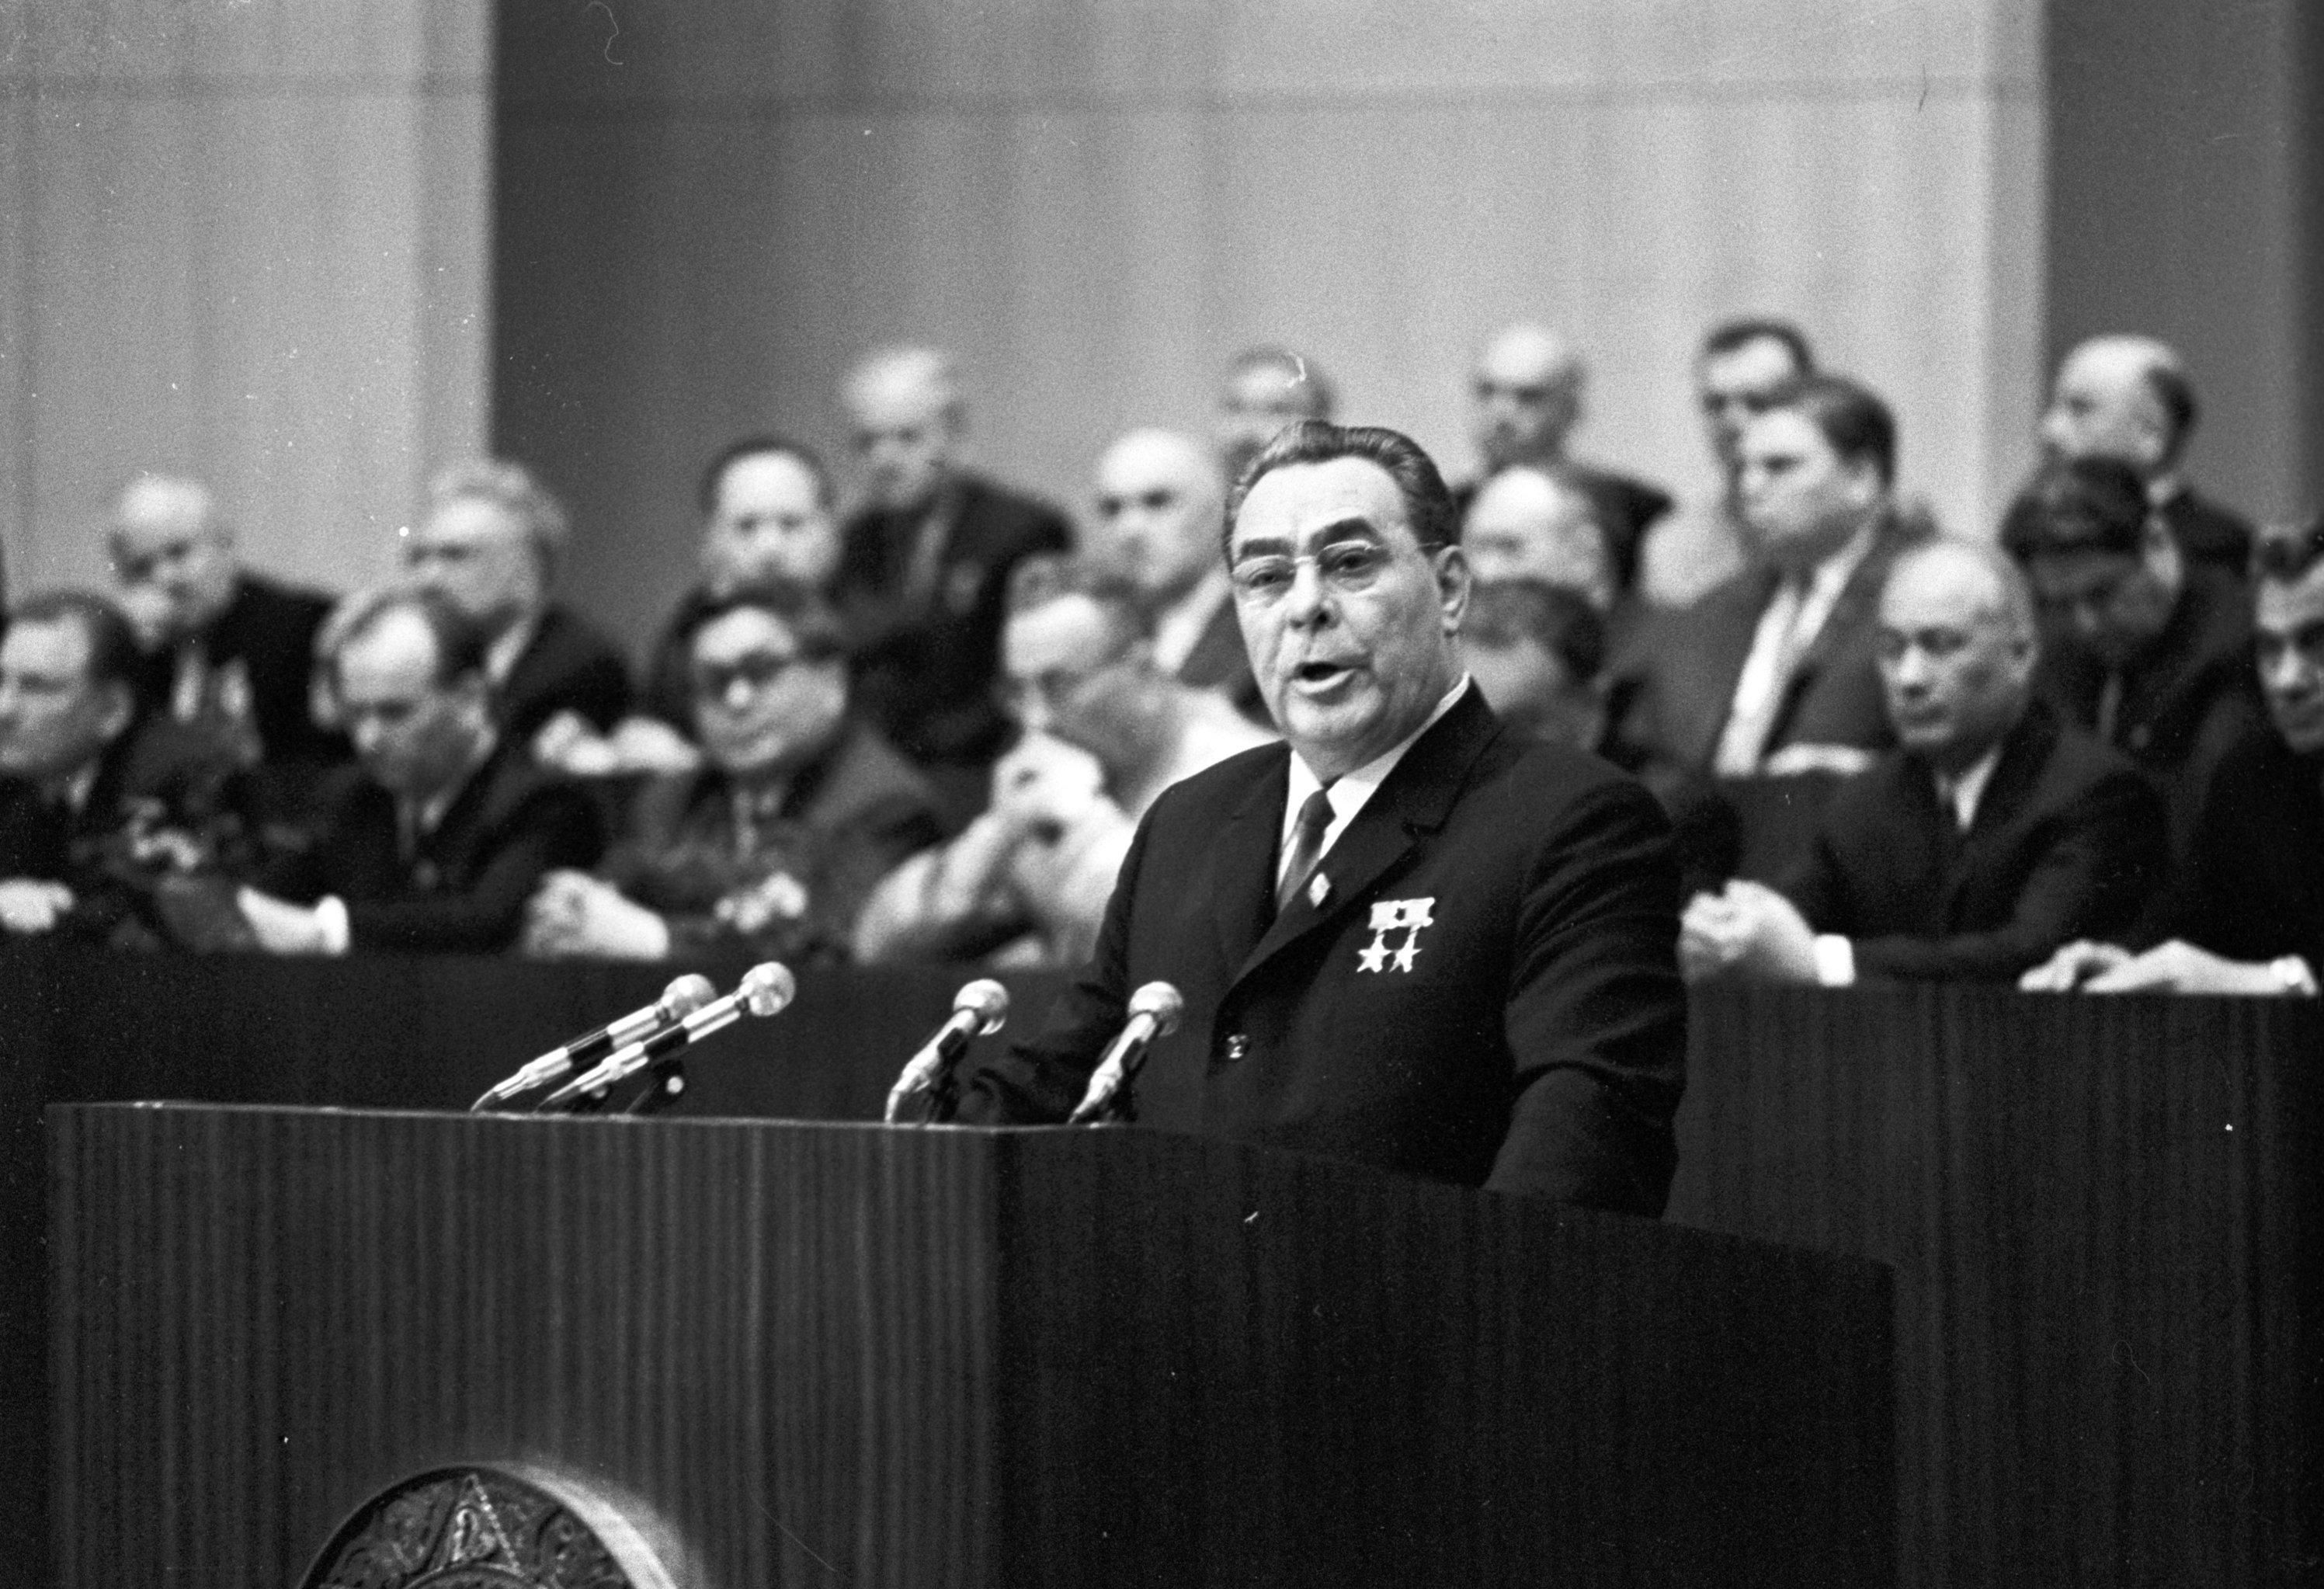 Генеральный секретарь ЦК КПСС Леонид Ильич Брежнев, прибывший в столицу Грузии на празднование 50-летия Грузинской ССР и компартии Грузии, выступает перед коммунистами